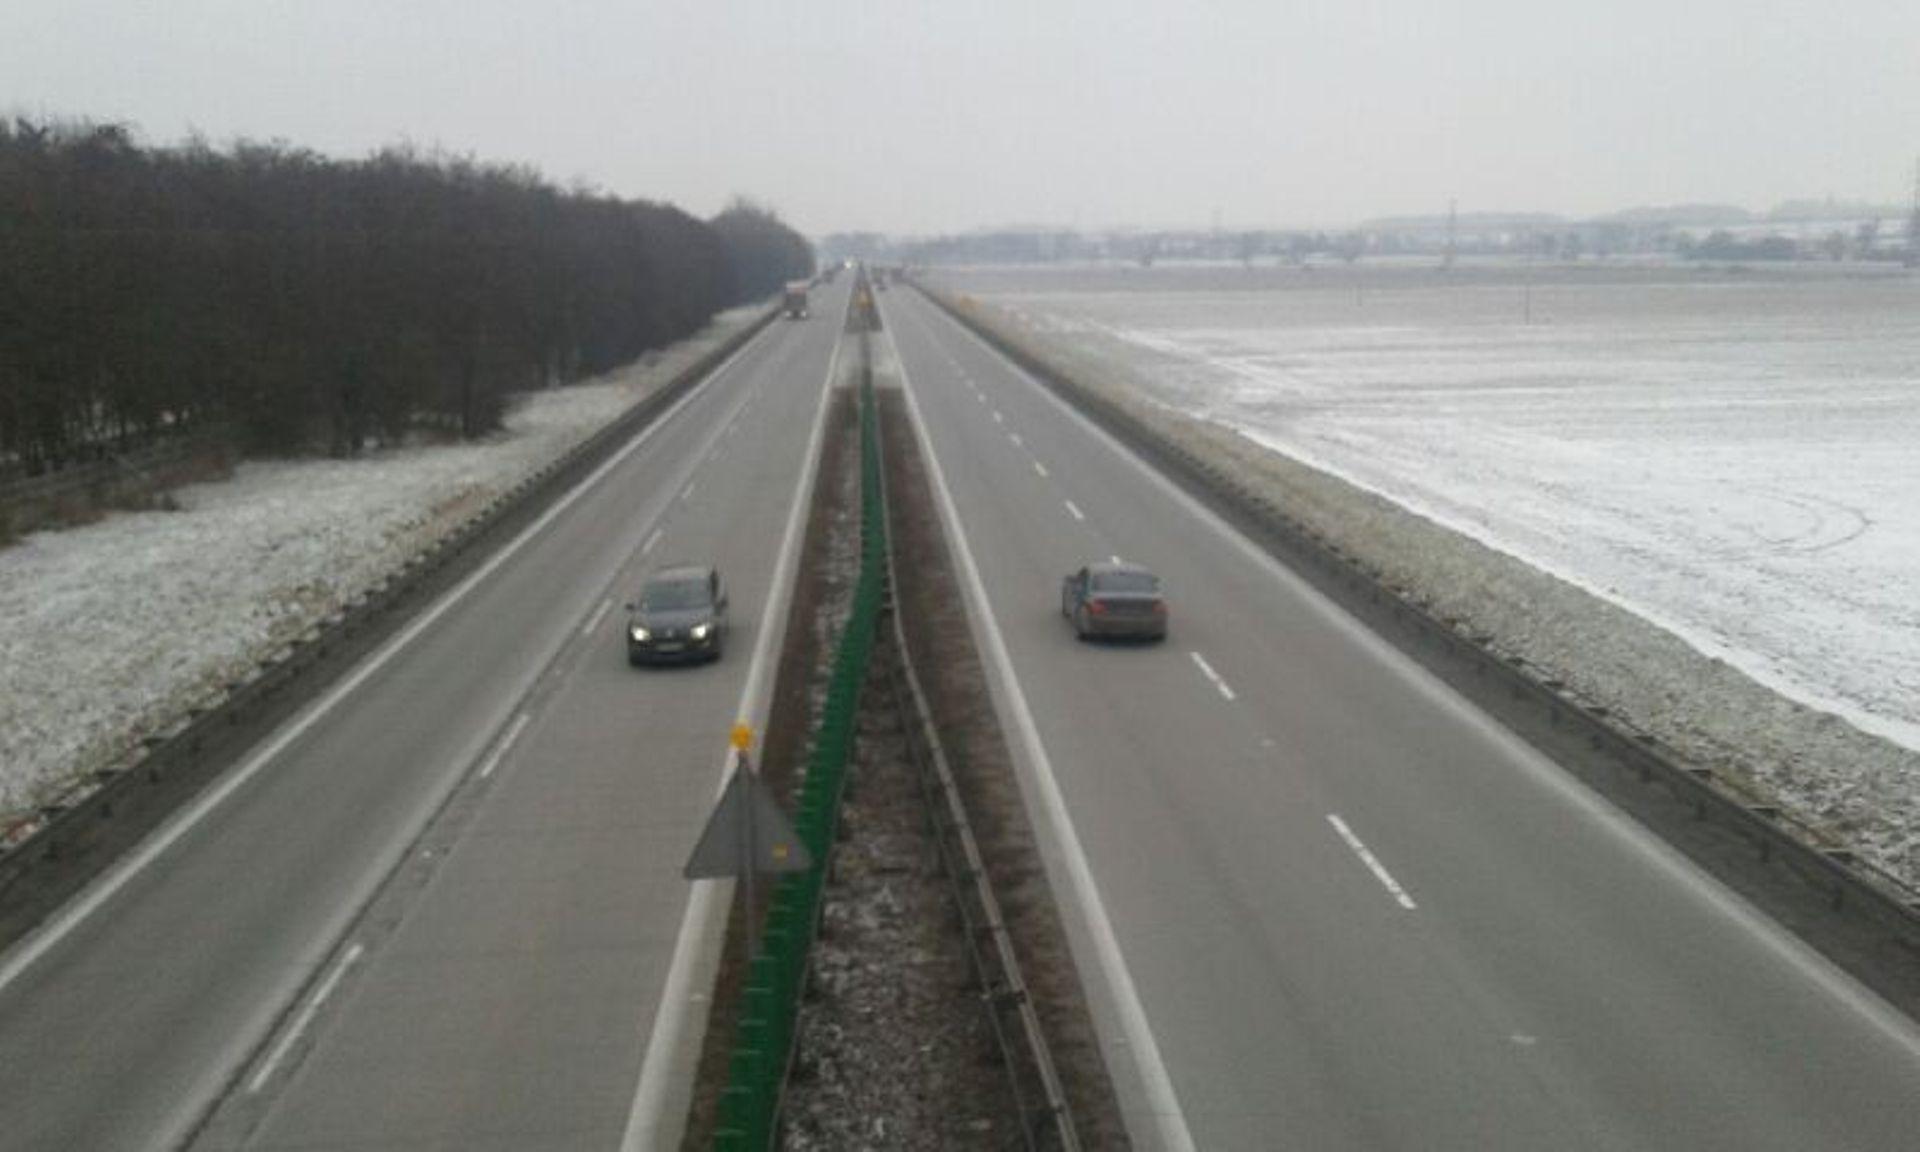 Dolny Śląsk: Dwa warianty przebudowy autostrady A4 na odcinku Wrocław-Krzywa